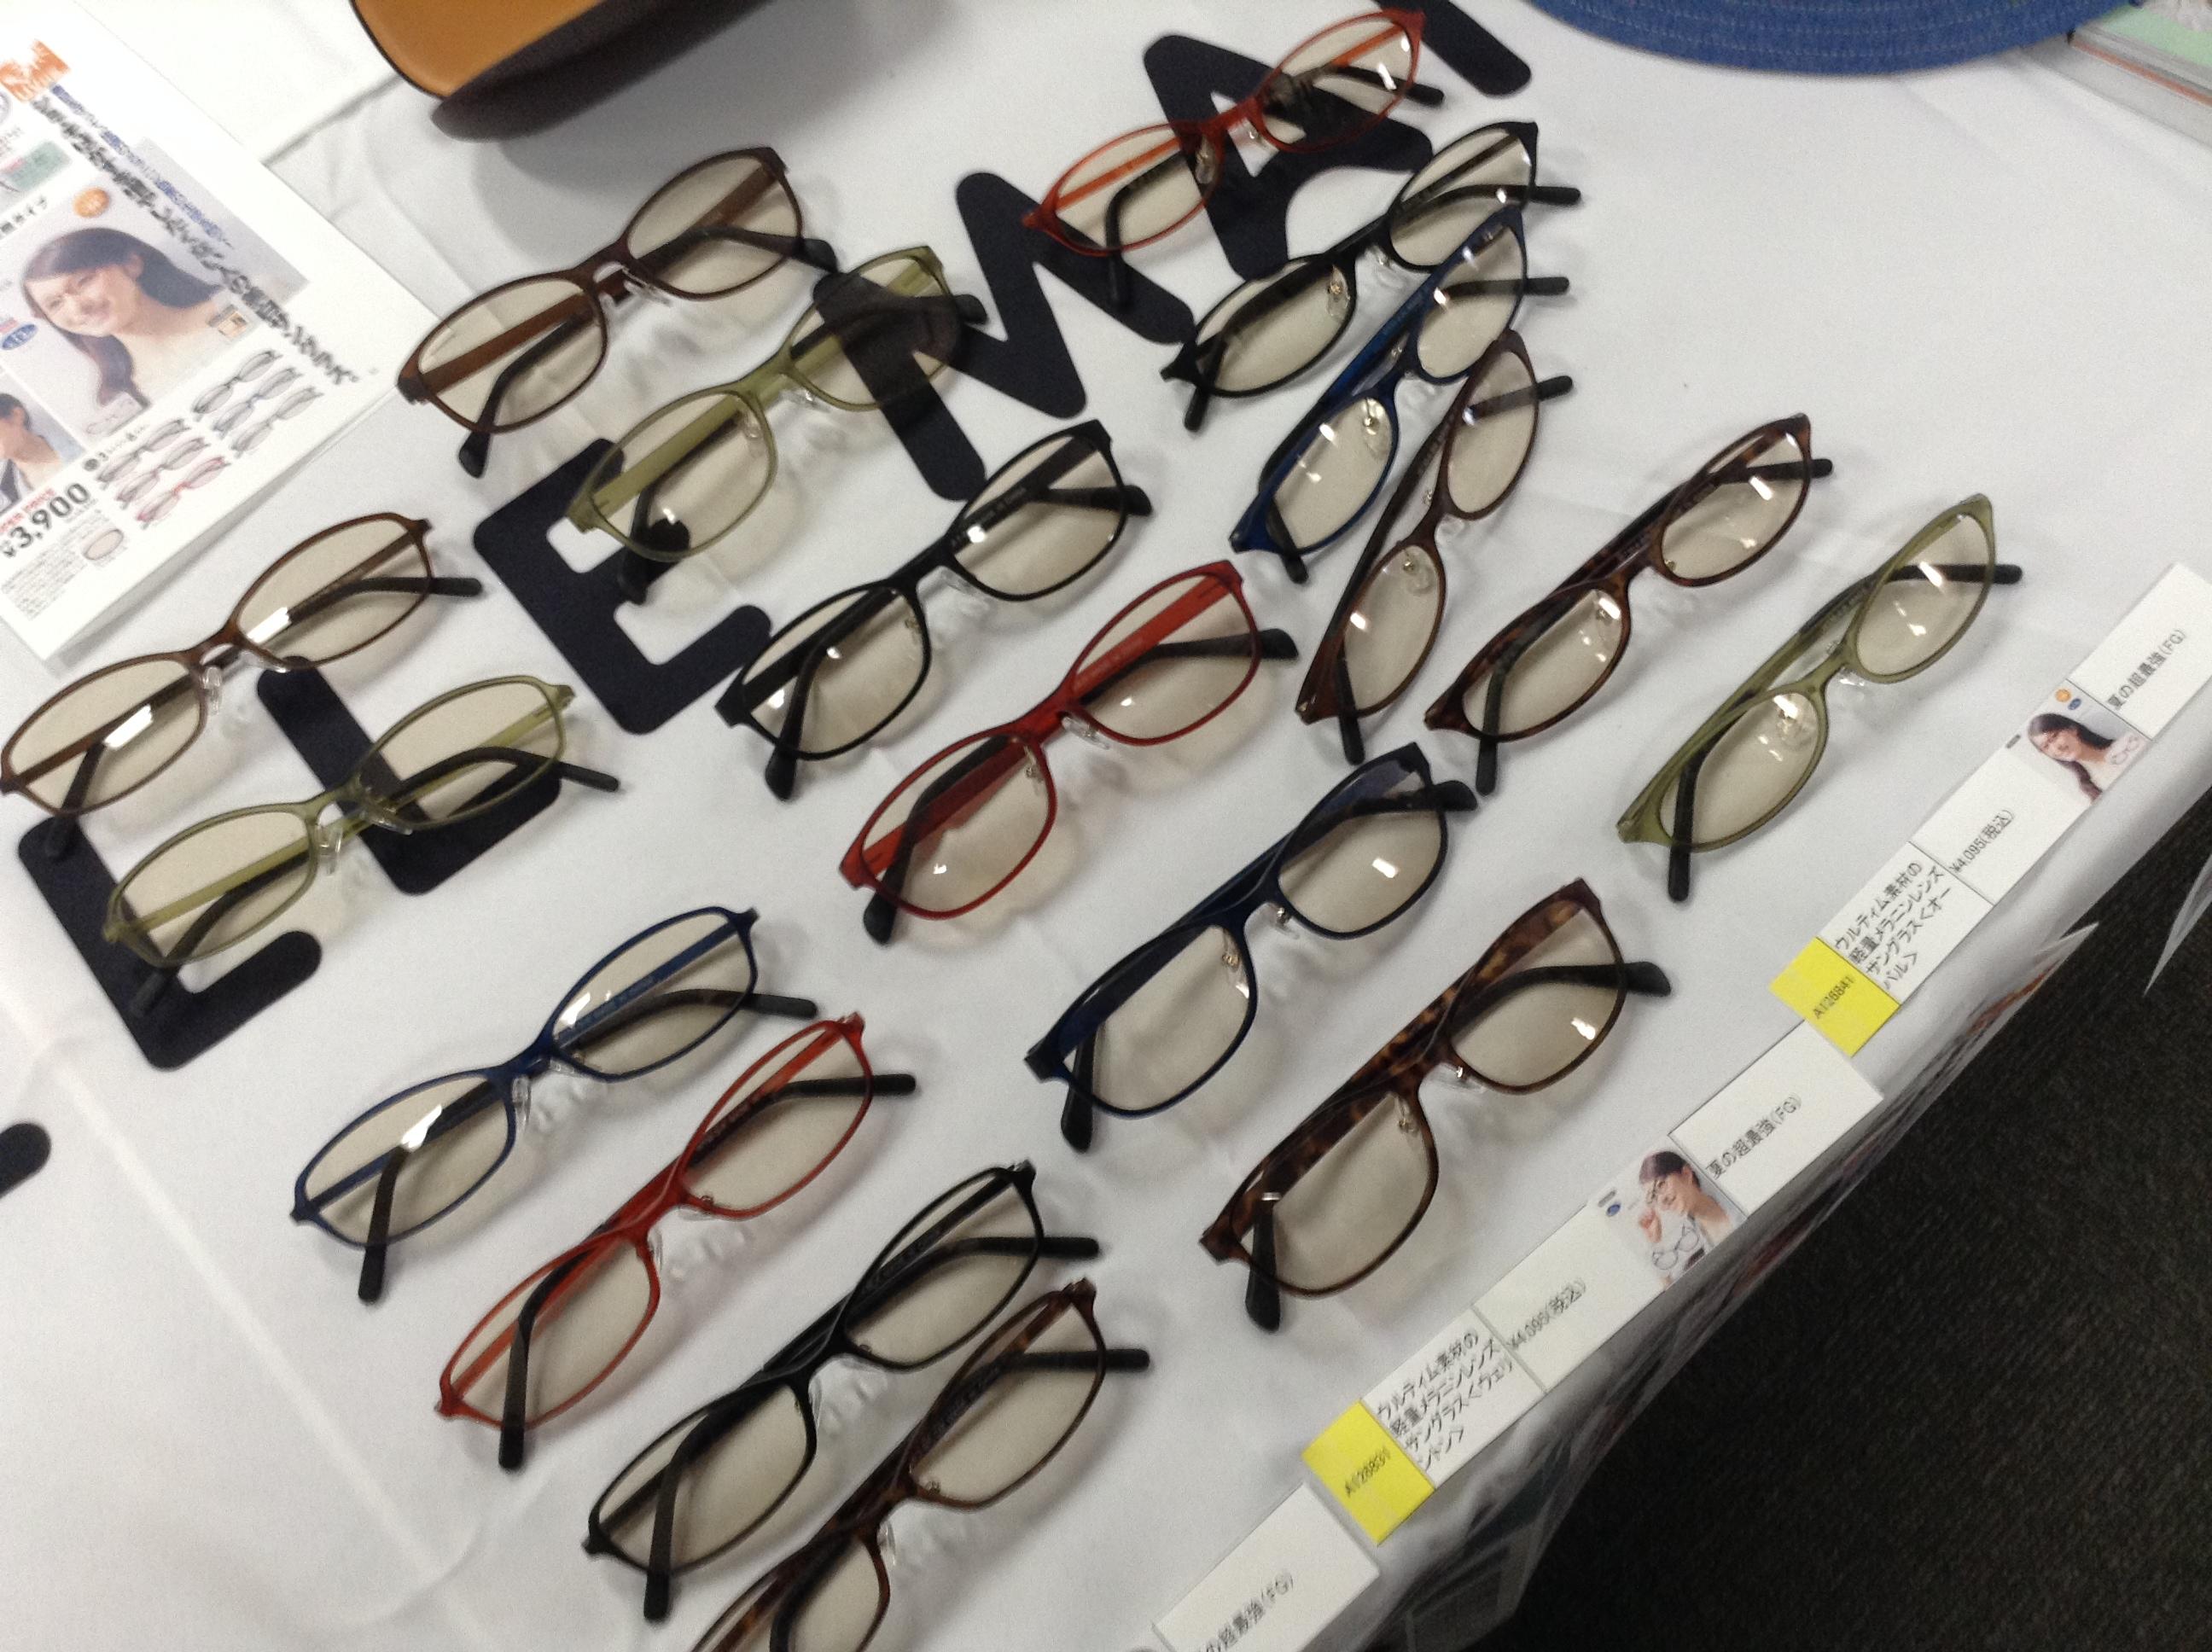 ベルメゾンの『ウルティム素材の軽量メラニンレンズサングラス』で瞳もUVカット!